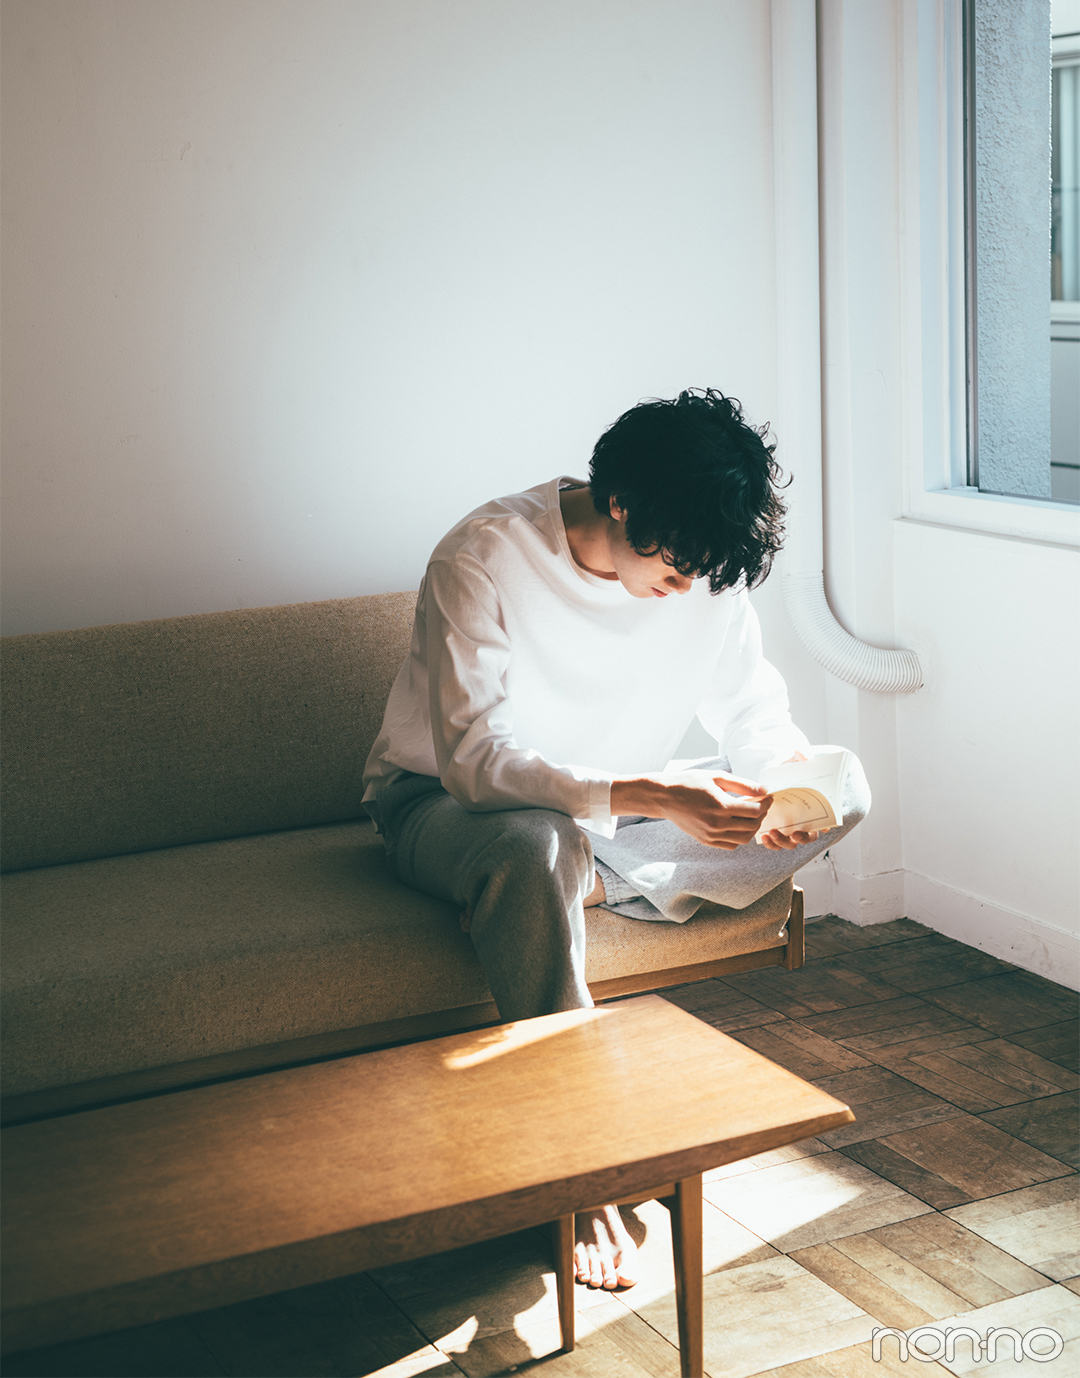 清原翔とお部屋デート! 寝起き姿に思わず胸キュン♡【連載「今月の彼氏」ウェブ限定版】_1_1-3